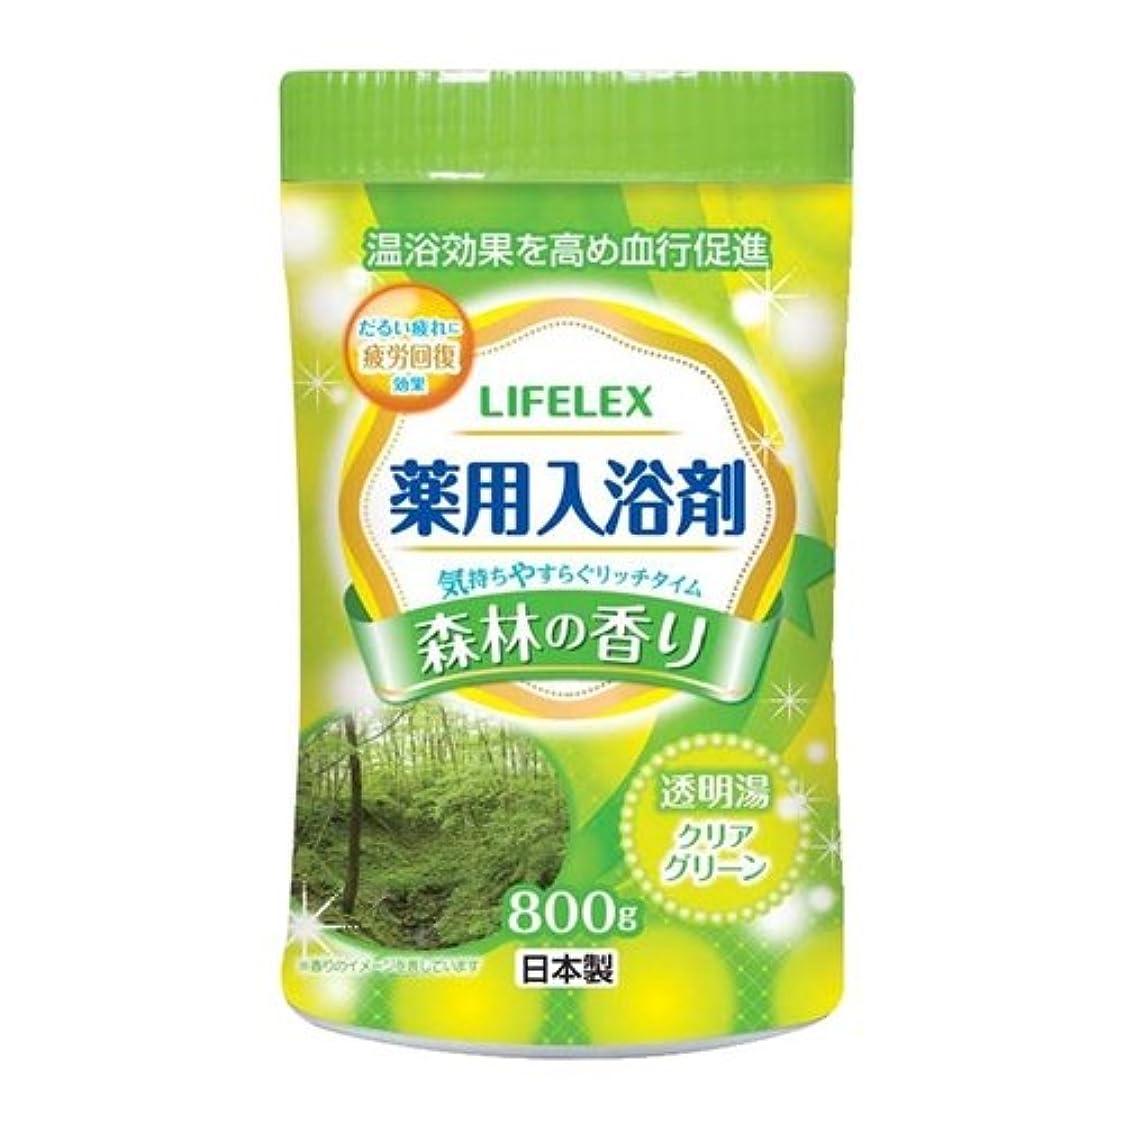 コーナンオリジナル 薬用入浴剤 森林の香り 800g